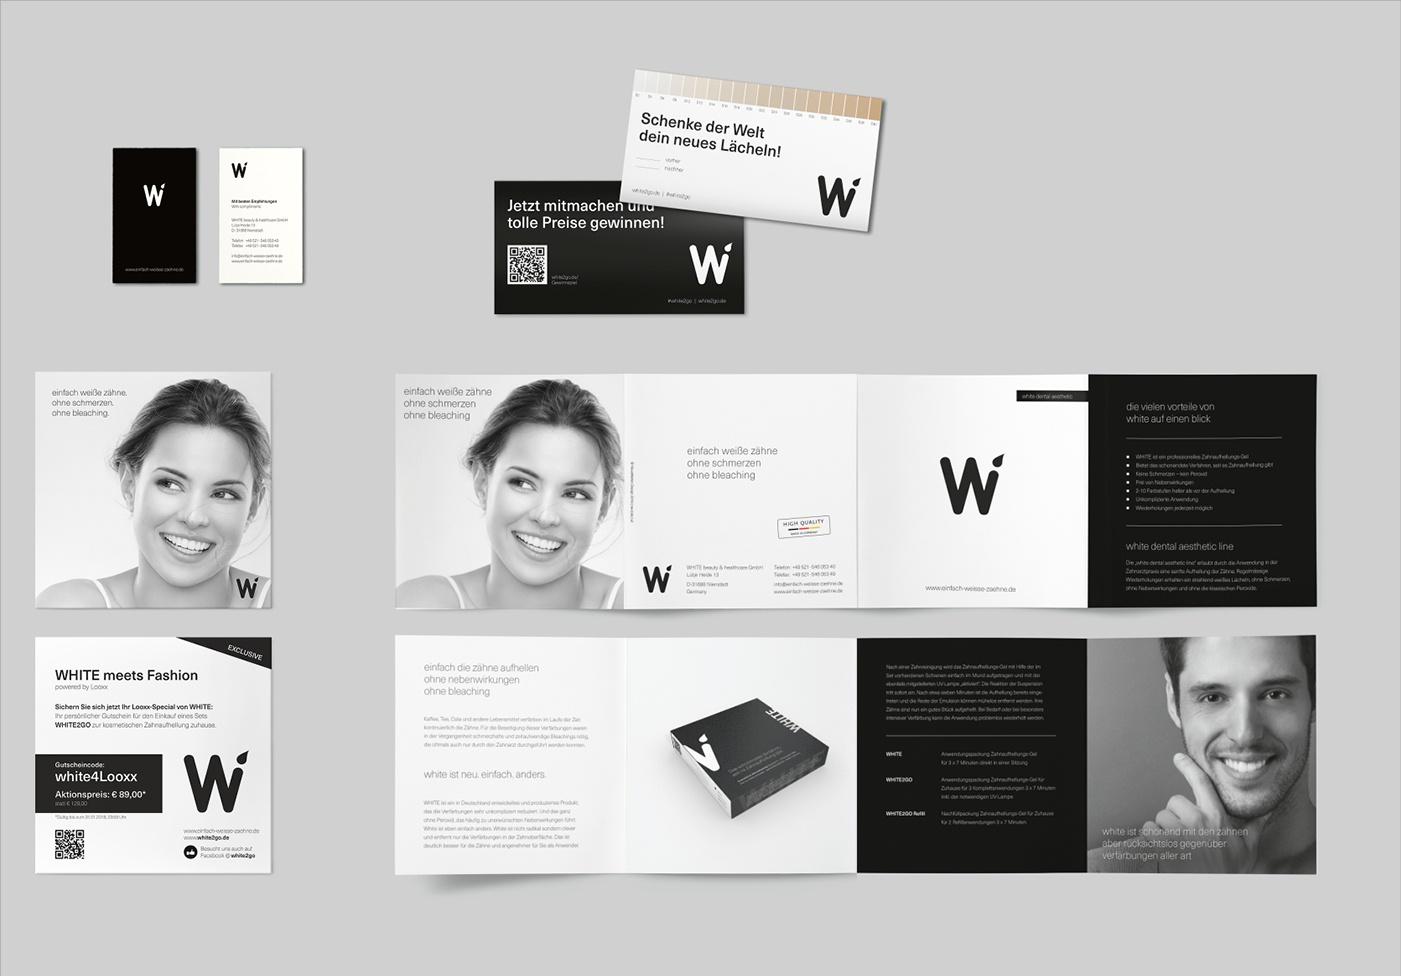 White: Corporate Design Umsetzung, Visitenkaren, Aktionsflyer, Imageflyer, Advertorials, Konzeption und Entwicklung: farbechte Farbkarte, Fotografie, Bildbearbeitung, Farbbestimmung, Reinzeichnung, online und gedruckt,